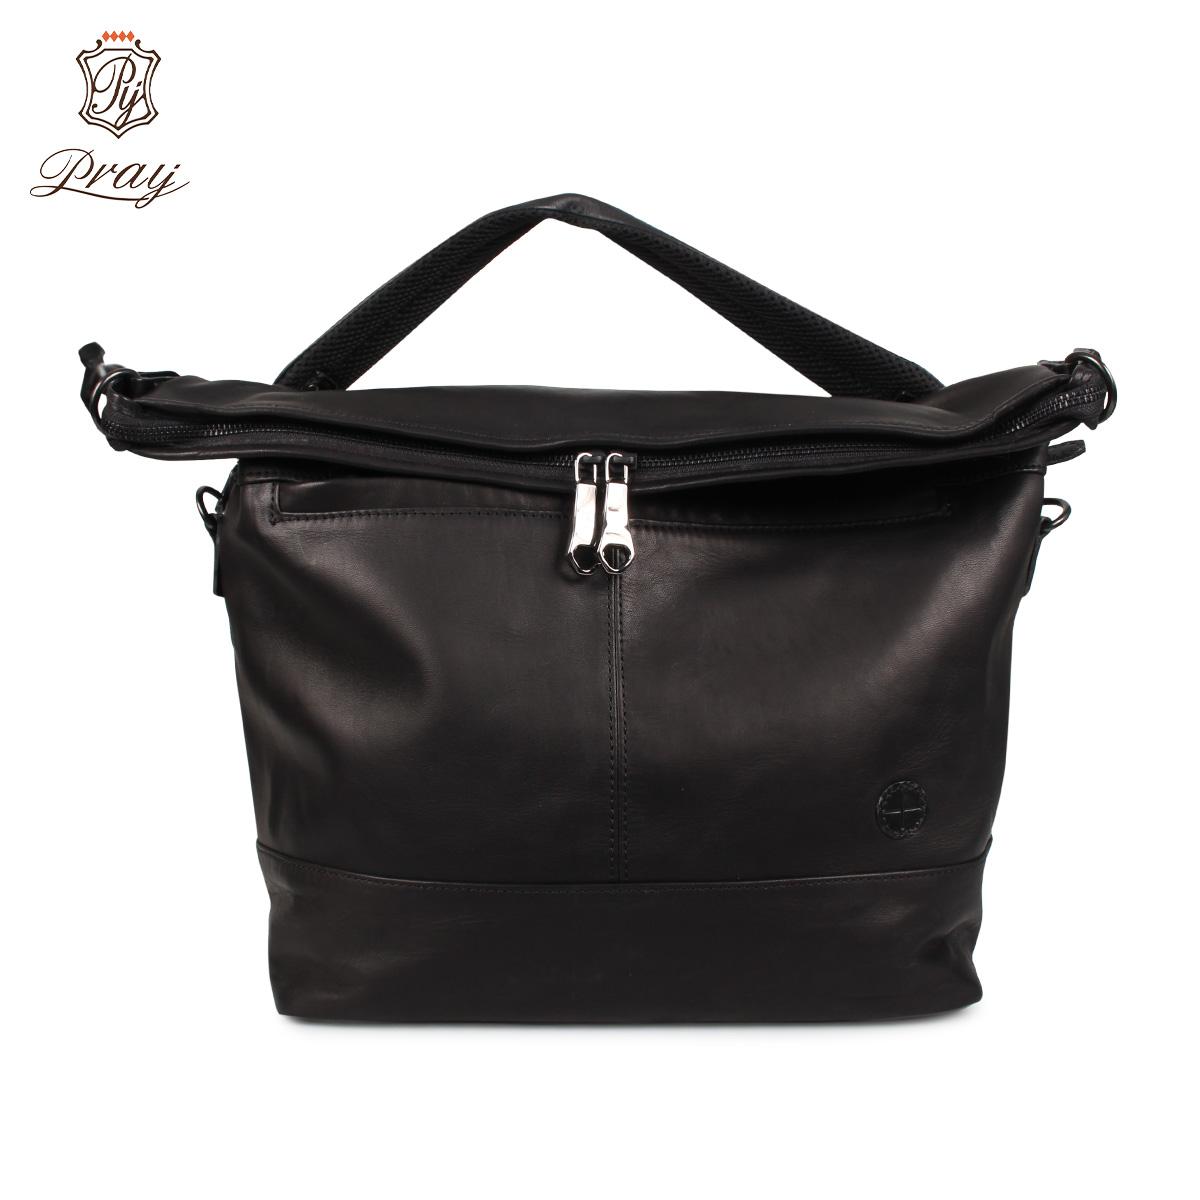 プレイ PRAY バッグ ショルダーバッグ メンズ 13.3L SHOULDER BAG ブラック 黒 PRSHD-301 [4/6 新入荷]